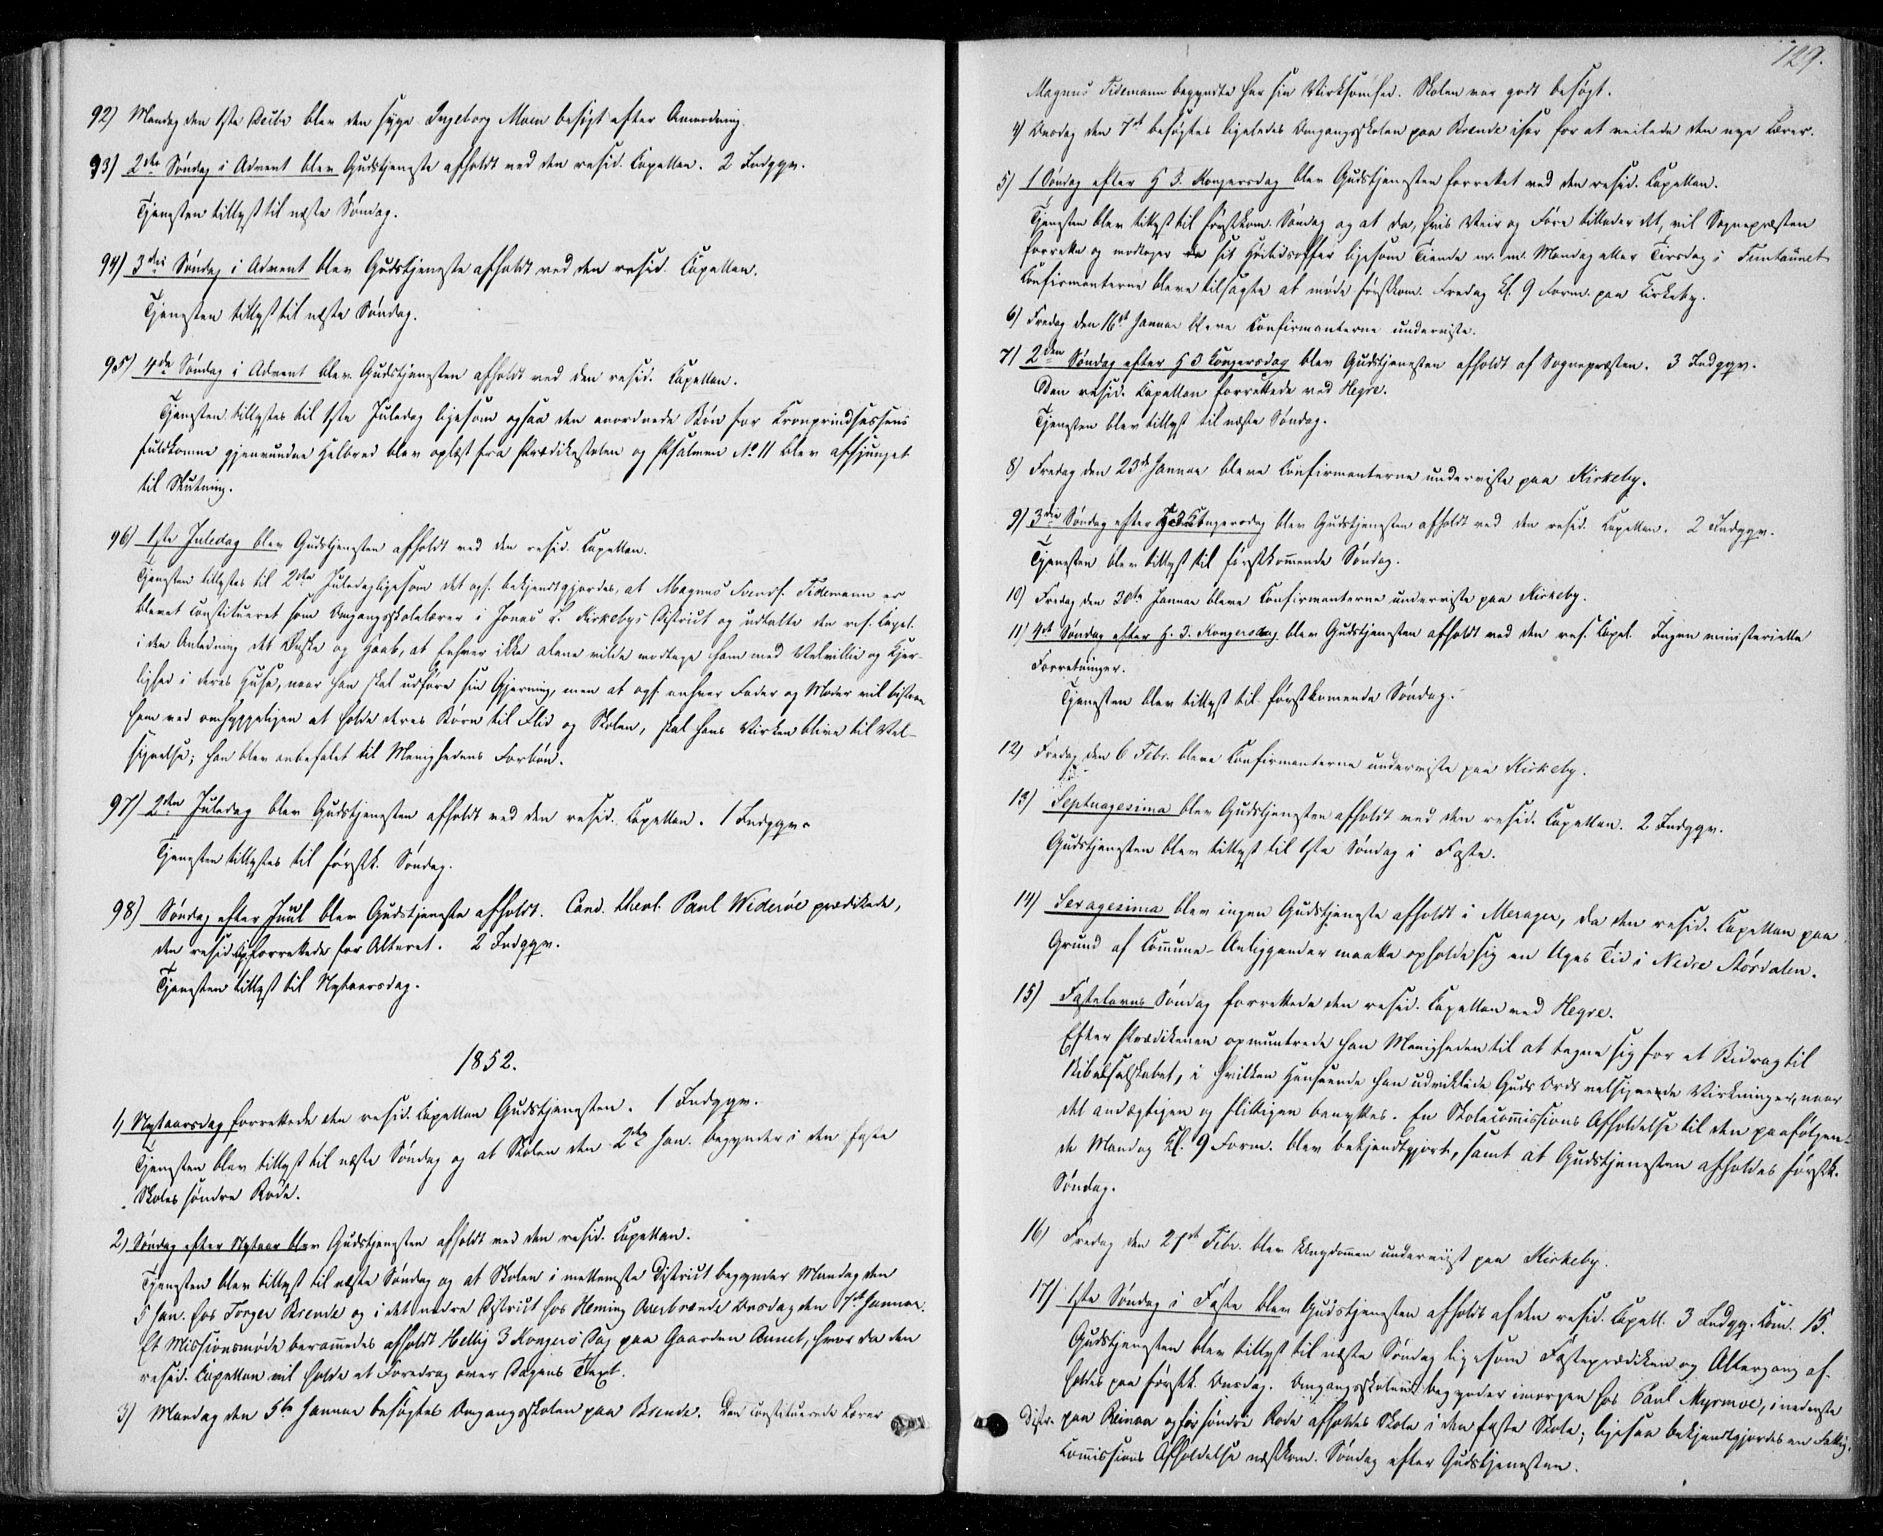 SAT, Ministerialprotokoller, klokkerbøker og fødselsregistre - Nord-Trøndelag, 706/L0040: Ministerialbok nr. 706A01, 1850-1861, s. 129